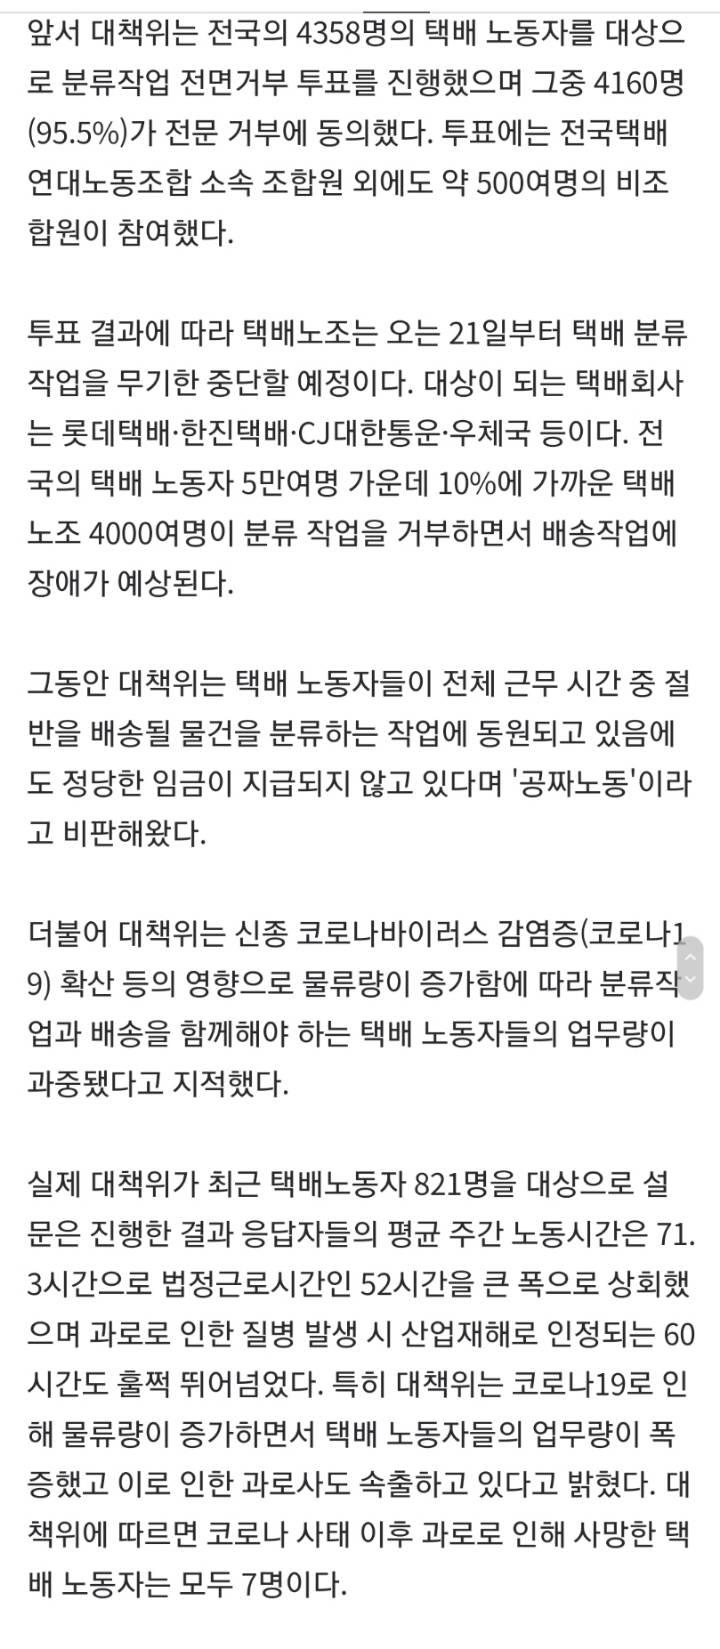 """택배노조 """"분류작업 21일부터 전면거부…추석만이라도 충원하라""""   인스티즈"""